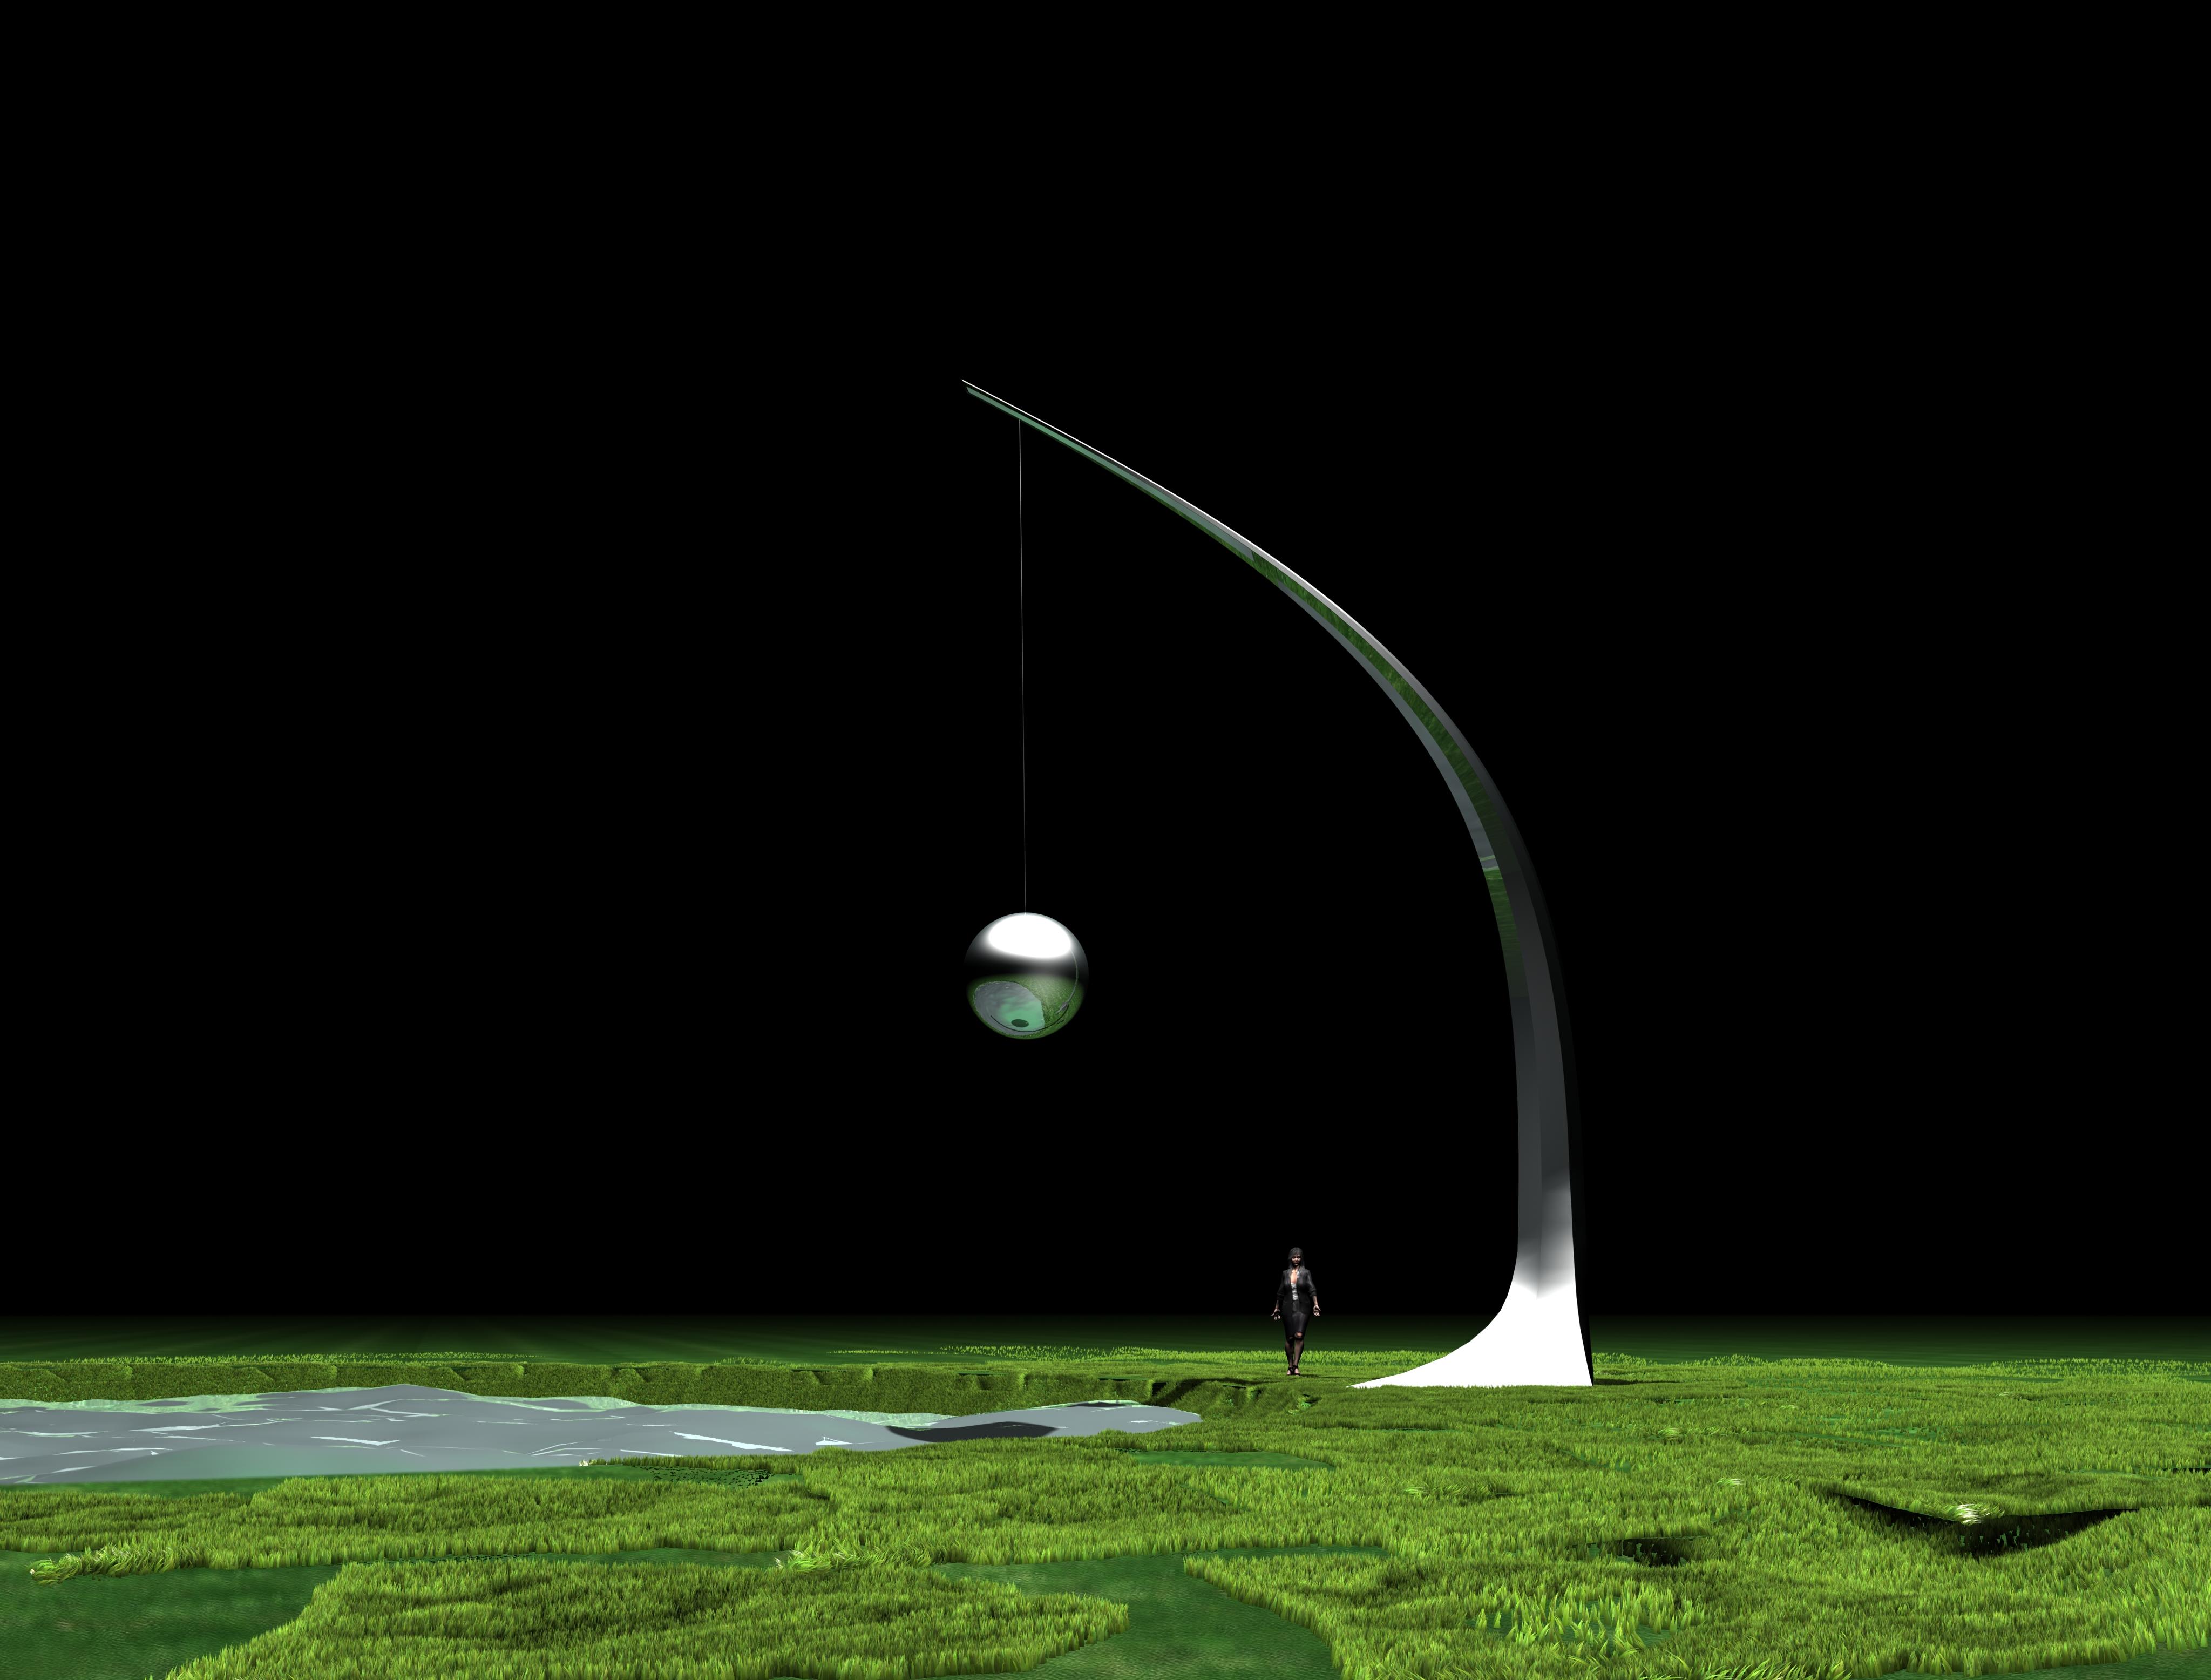 나르시스의 달 - 사람을 낚는 시간들 잔디4